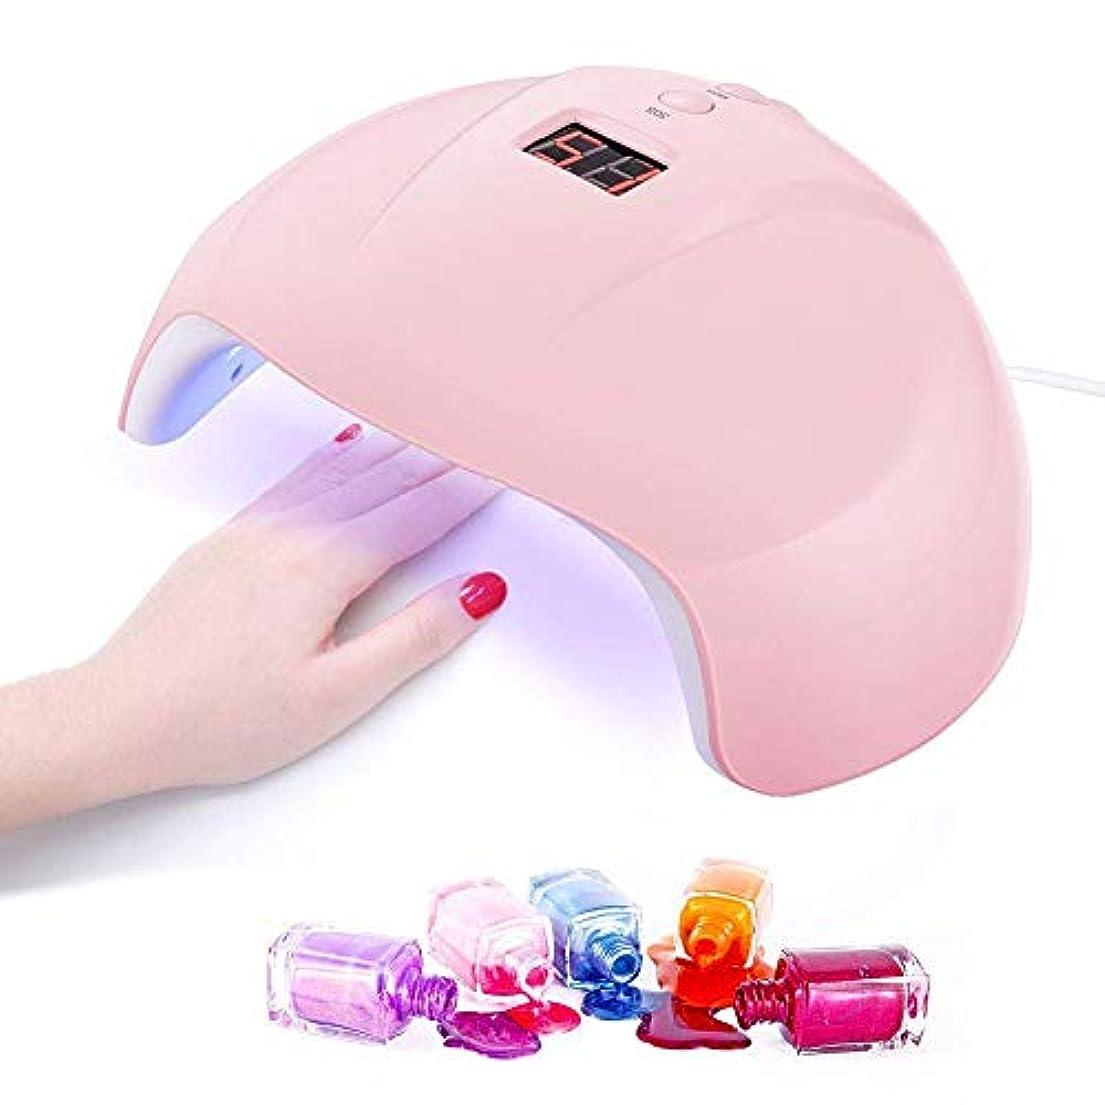 焦がす無住むグレファイディンナイトライトネイルマシン36W 12 LED USB液晶ディスプレイUVネイルライトジェルポリッシュドライヤーマニキュアランプ - ピンク